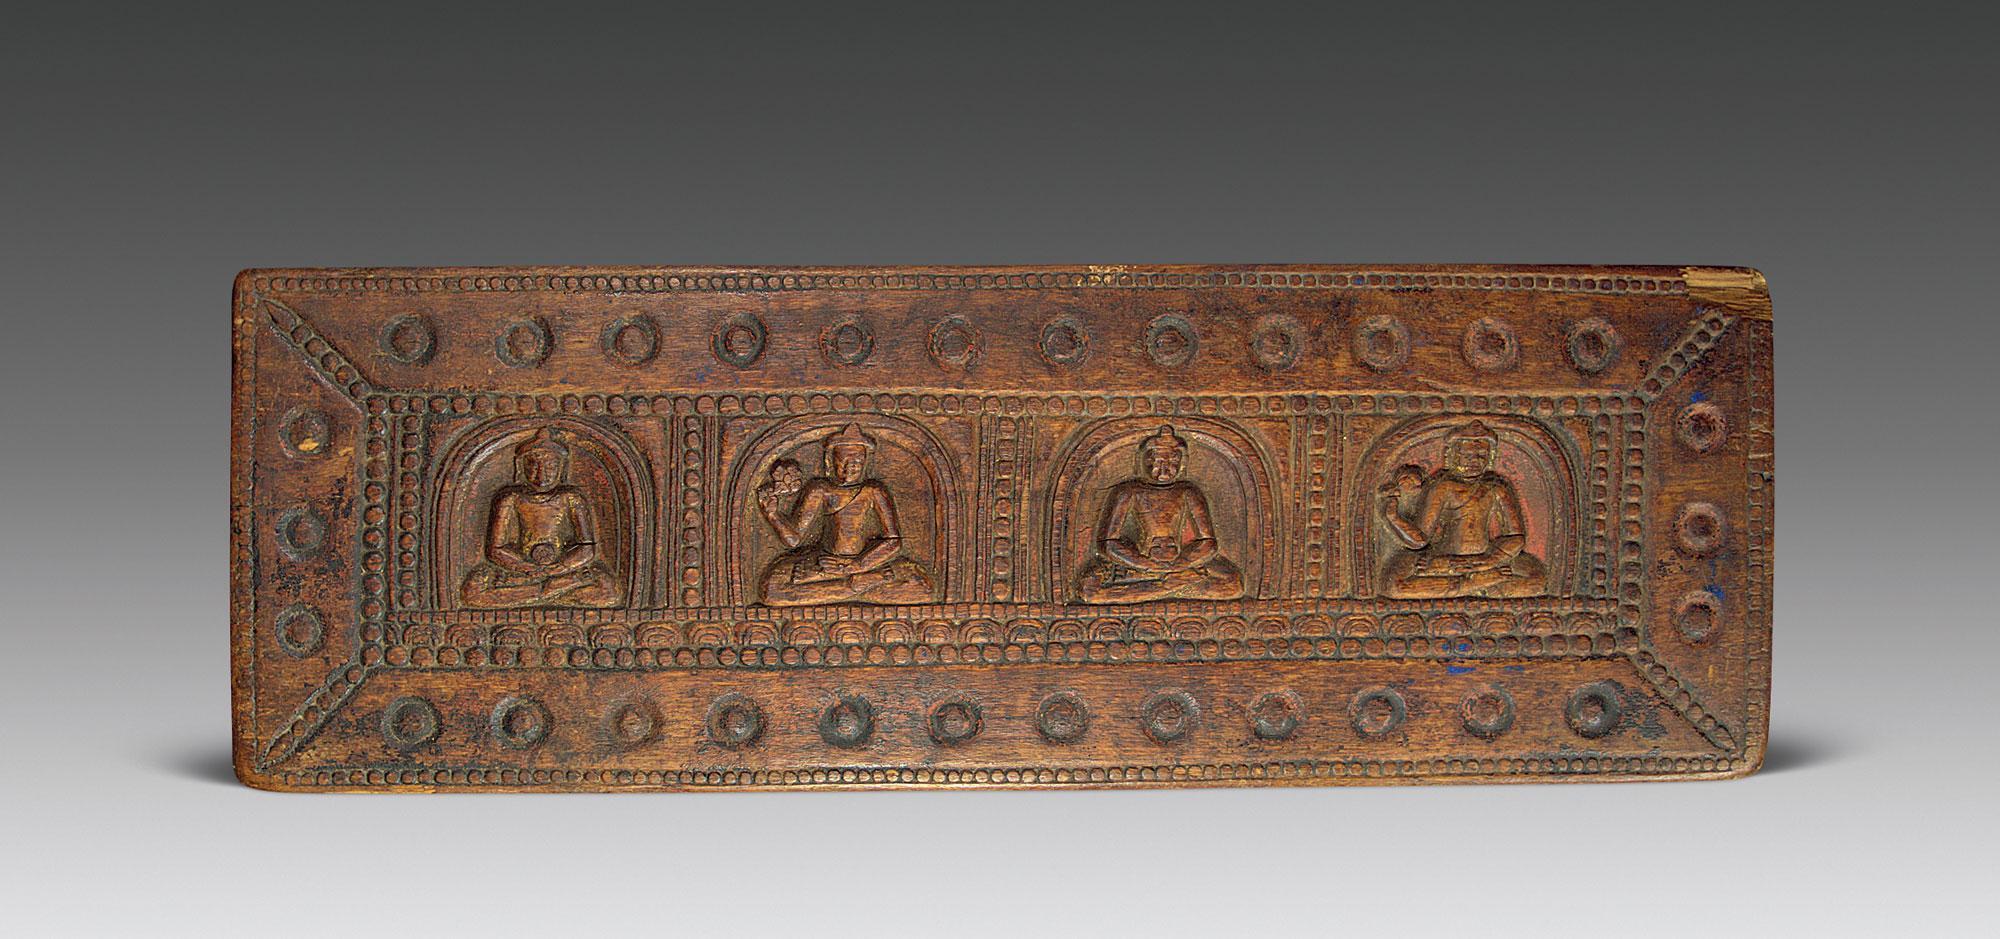 0091 元 藏传佛教木雕佛像经板